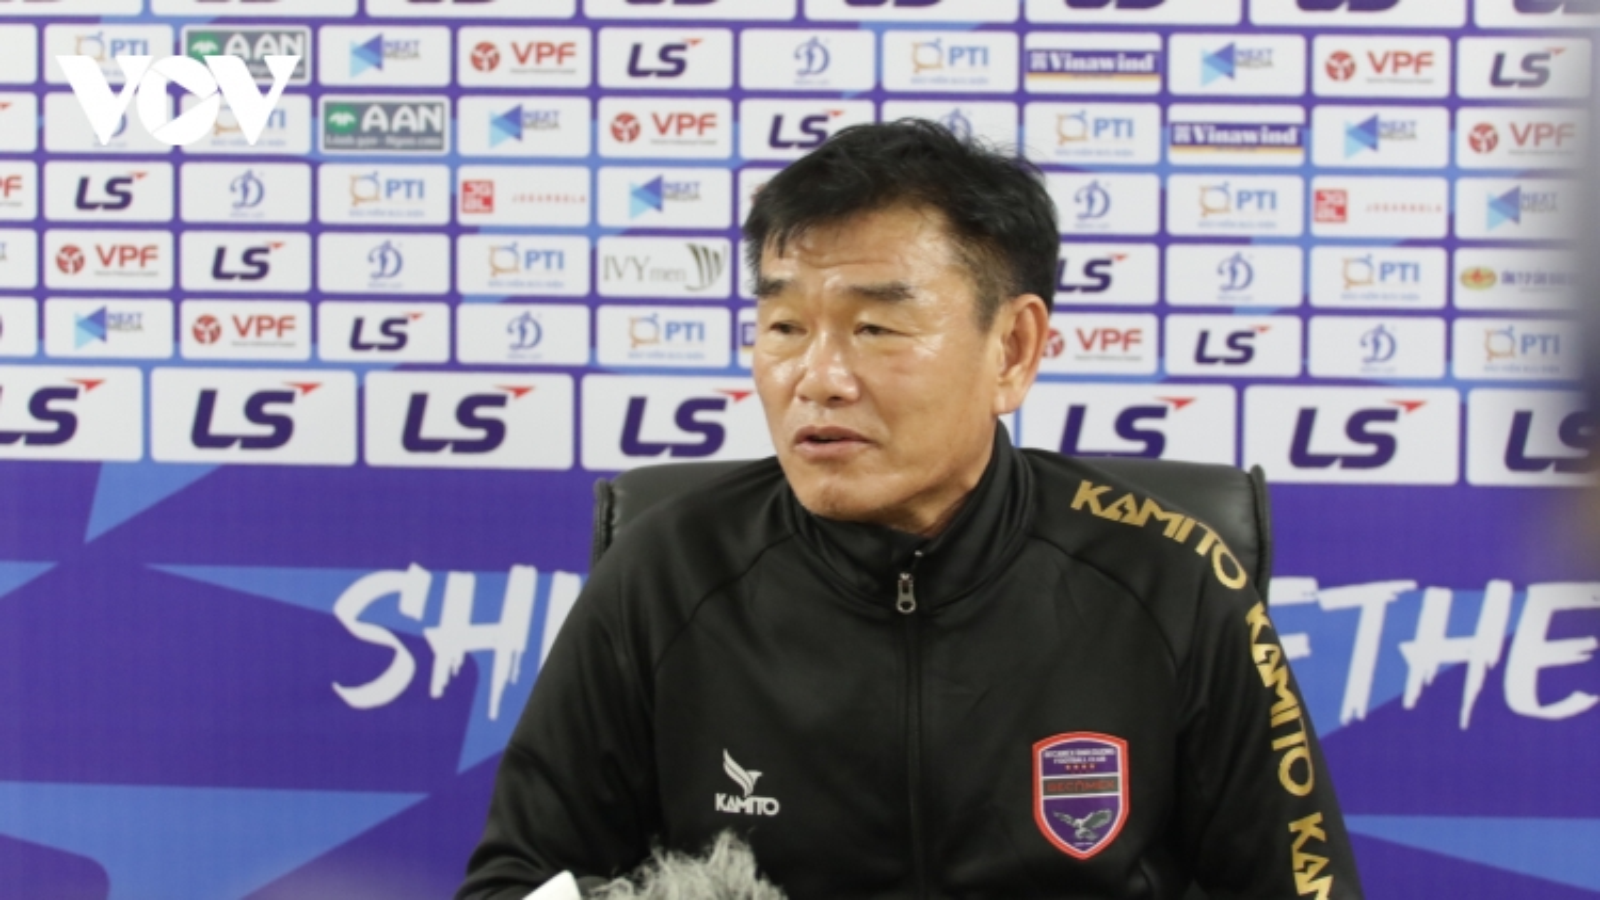 """HLV Phan Thanh Hùng """"động viên"""" đồng nghiệp Chu Đình Nghiêm khi Hà Nội FC thua Bình Dương"""